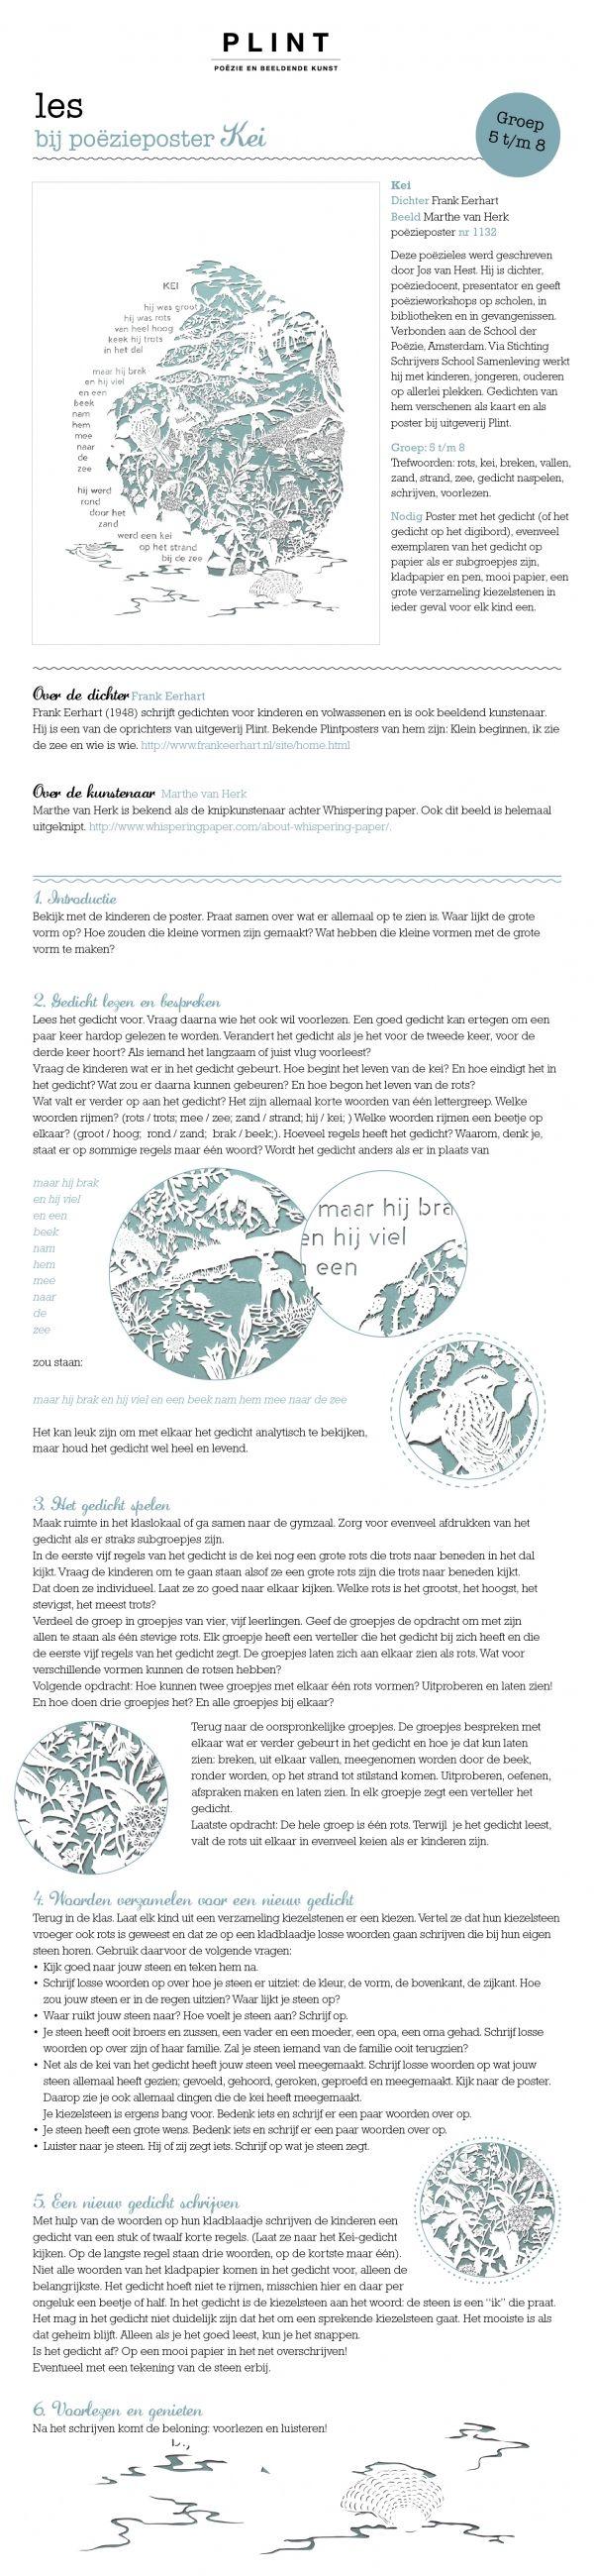 'Kei' door Frank Eerhart. Les bij poëzieposter van Plint - poëzie en beeldende kunst. Illustratie: Marthe van Herk